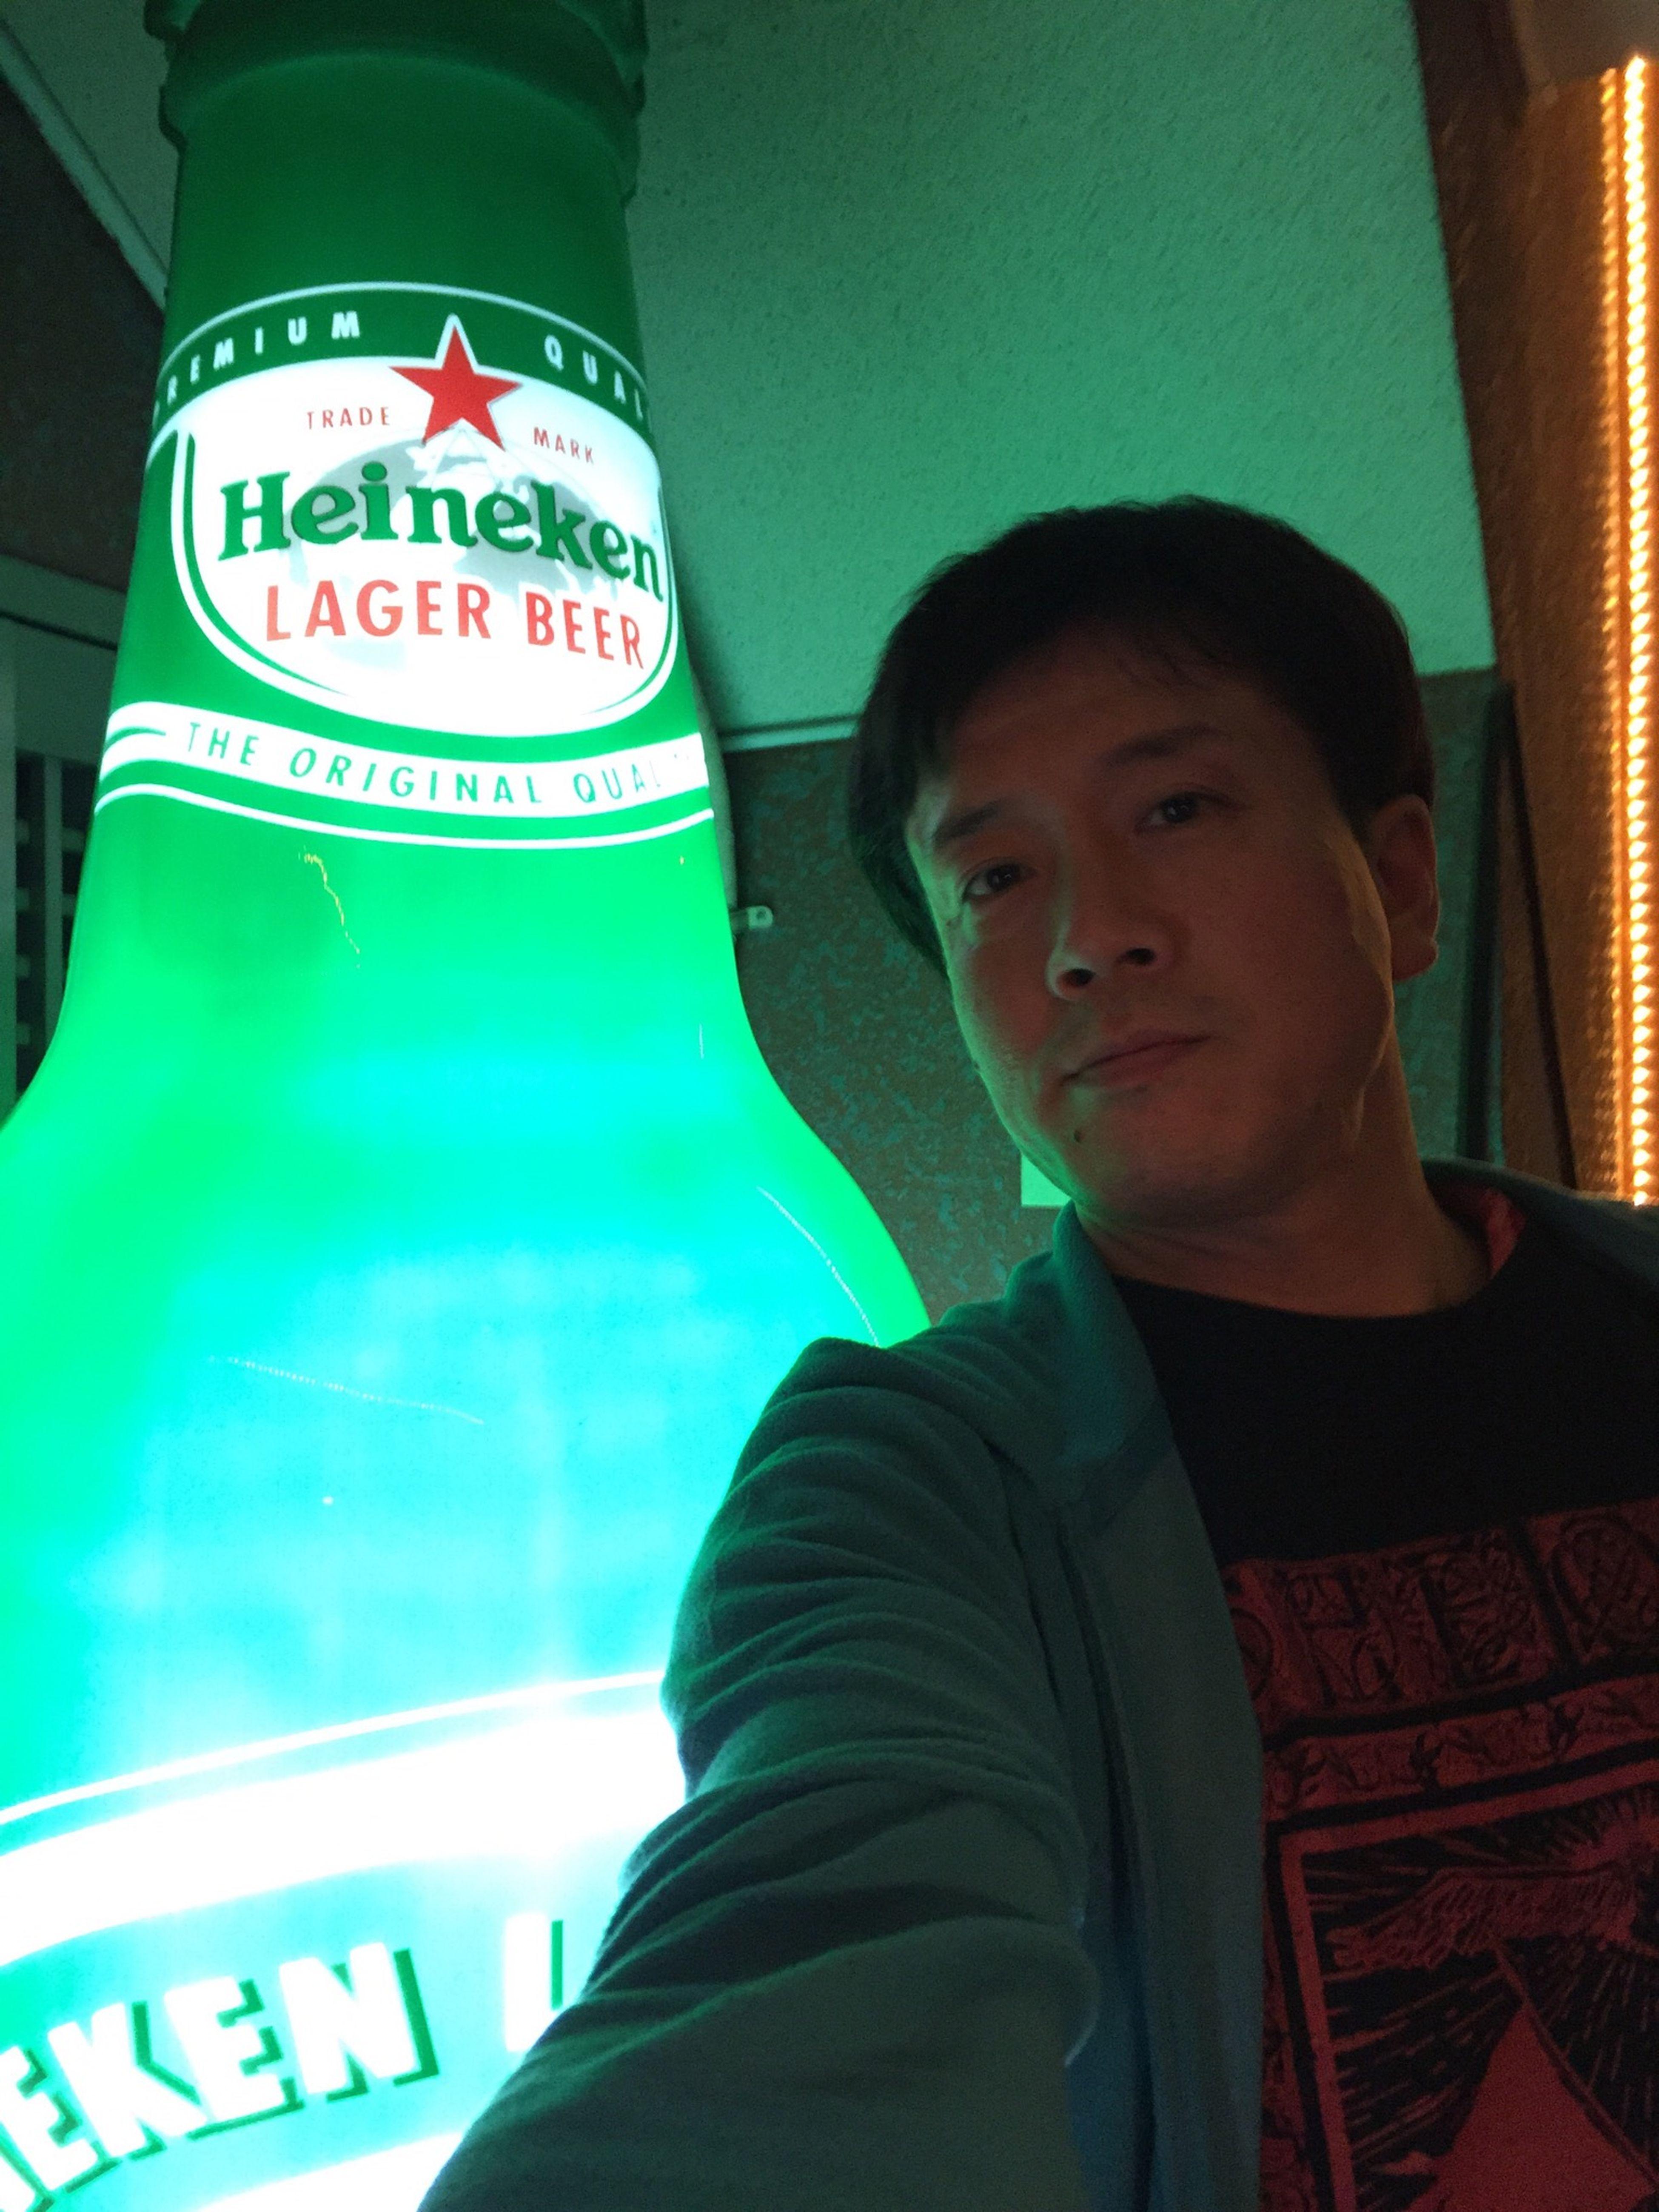 ハイネくんとツーショット?✨ Relaxed Atmosphere Rocking Out Rock'n'Beer Enjoying Life Music Is My Life LIVEHOUSE IPhoneography Bottle♡Love